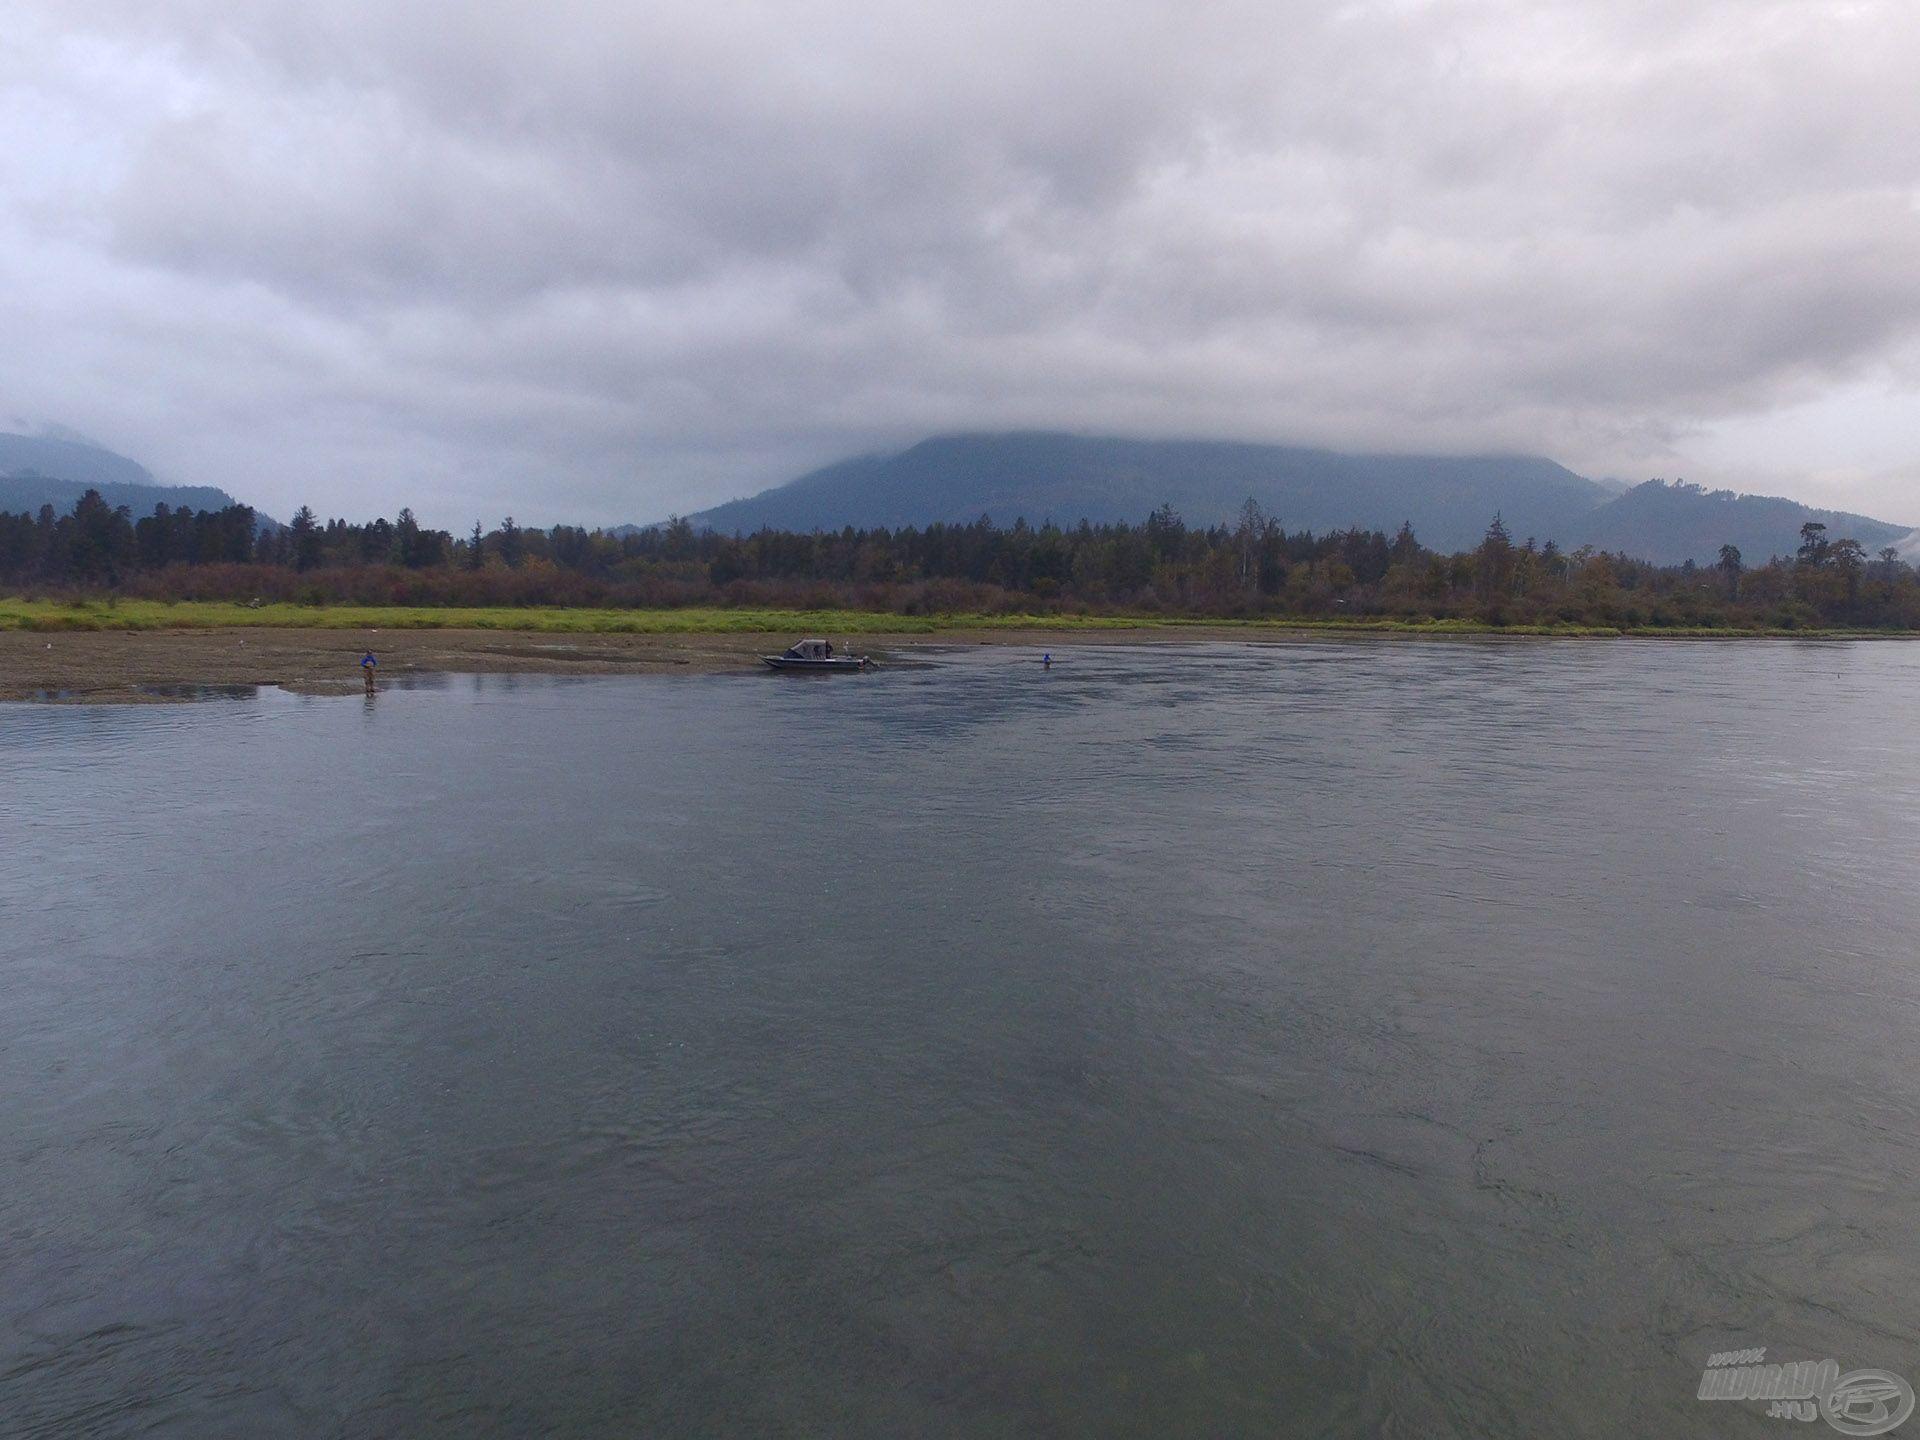 Erős sodrású, de kristálytiszta vízű folyó a Harrison, ide hajóztunk fel